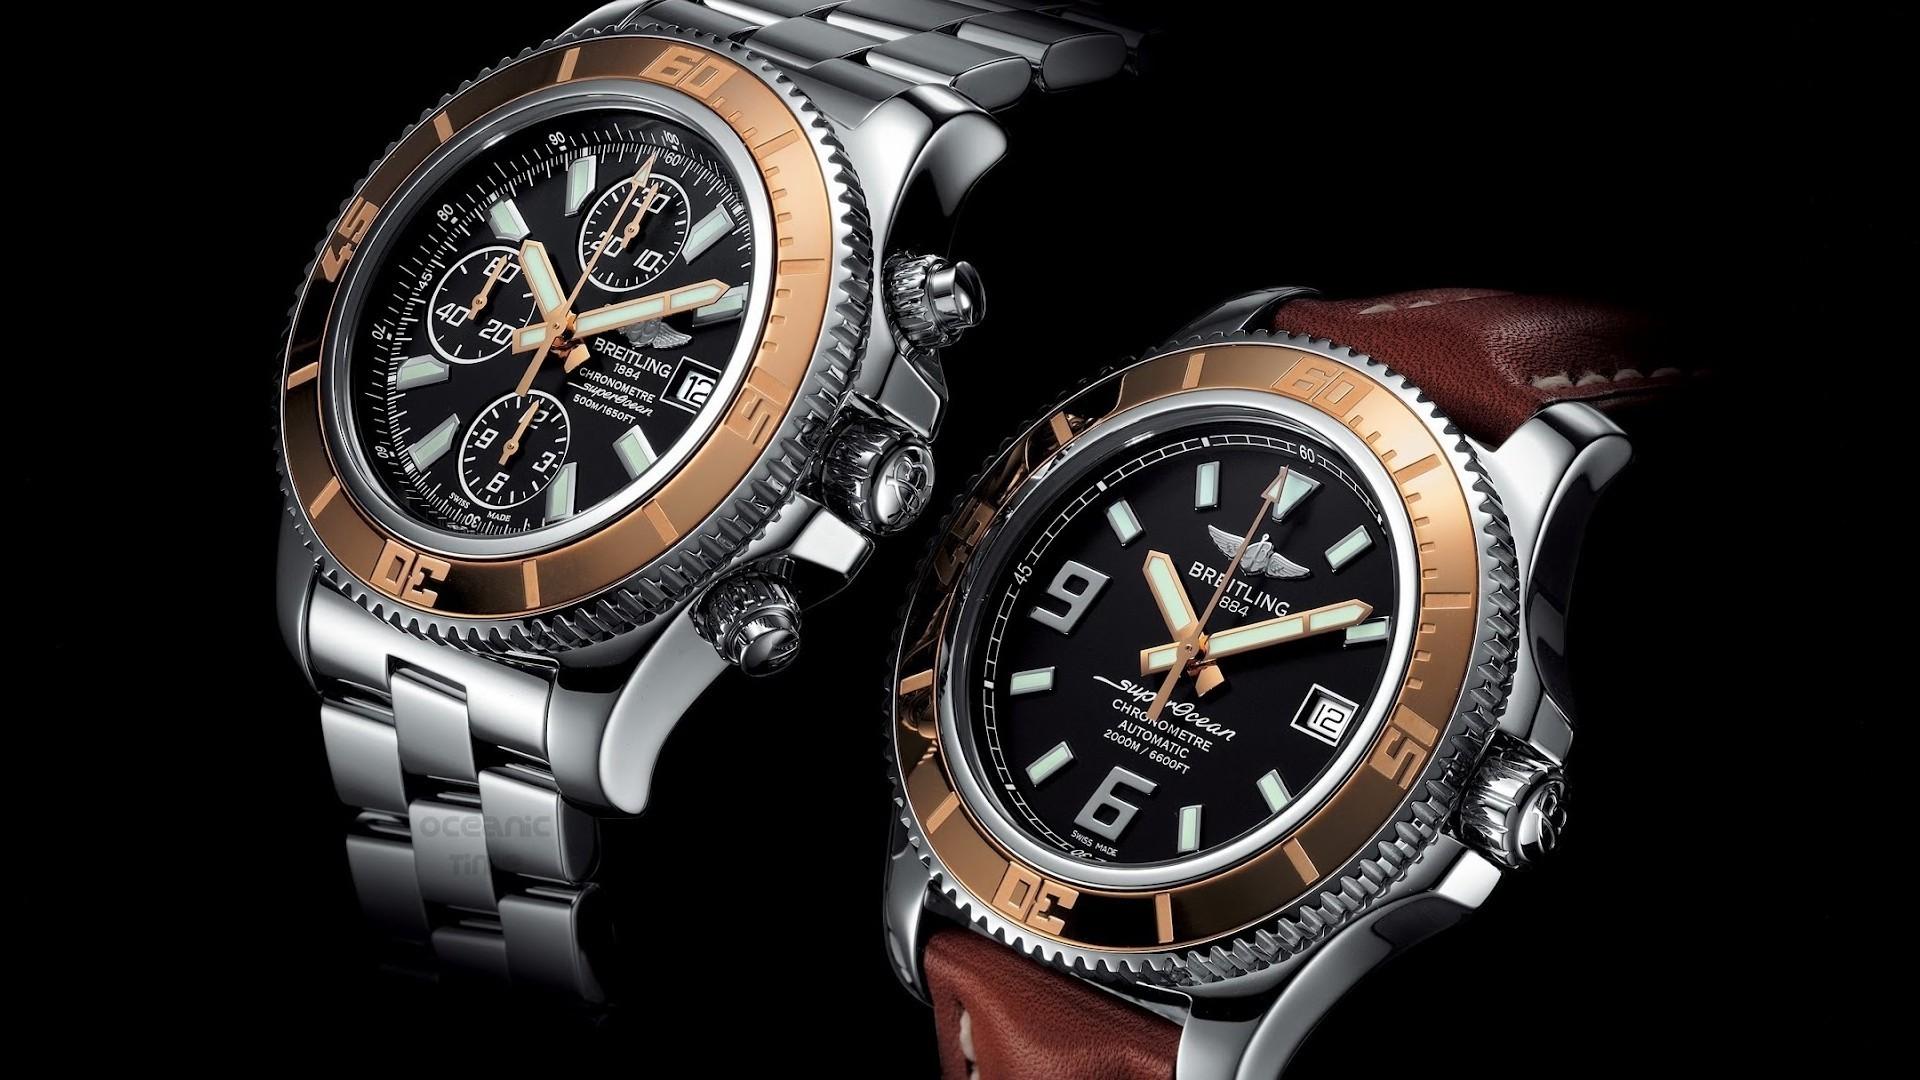 швейцарские часы картинки свекла, как более